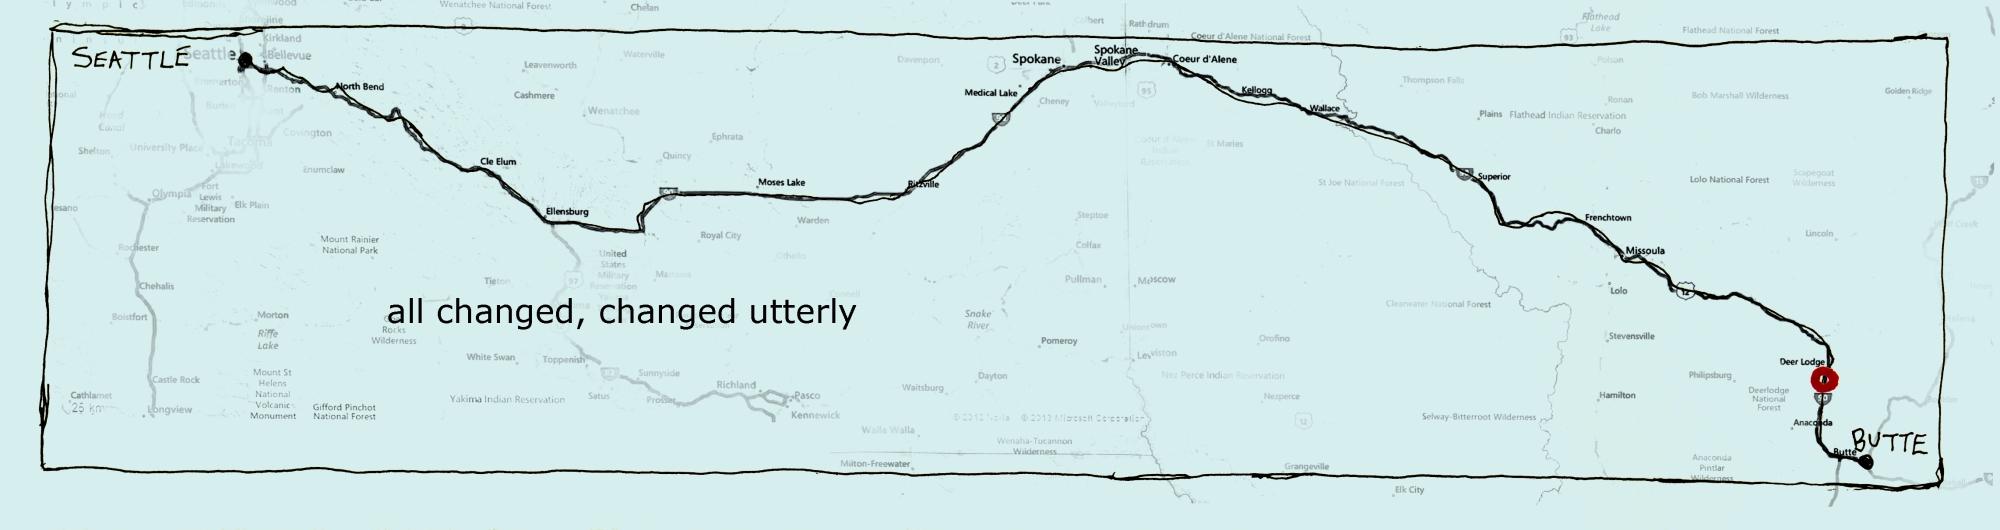 535 map